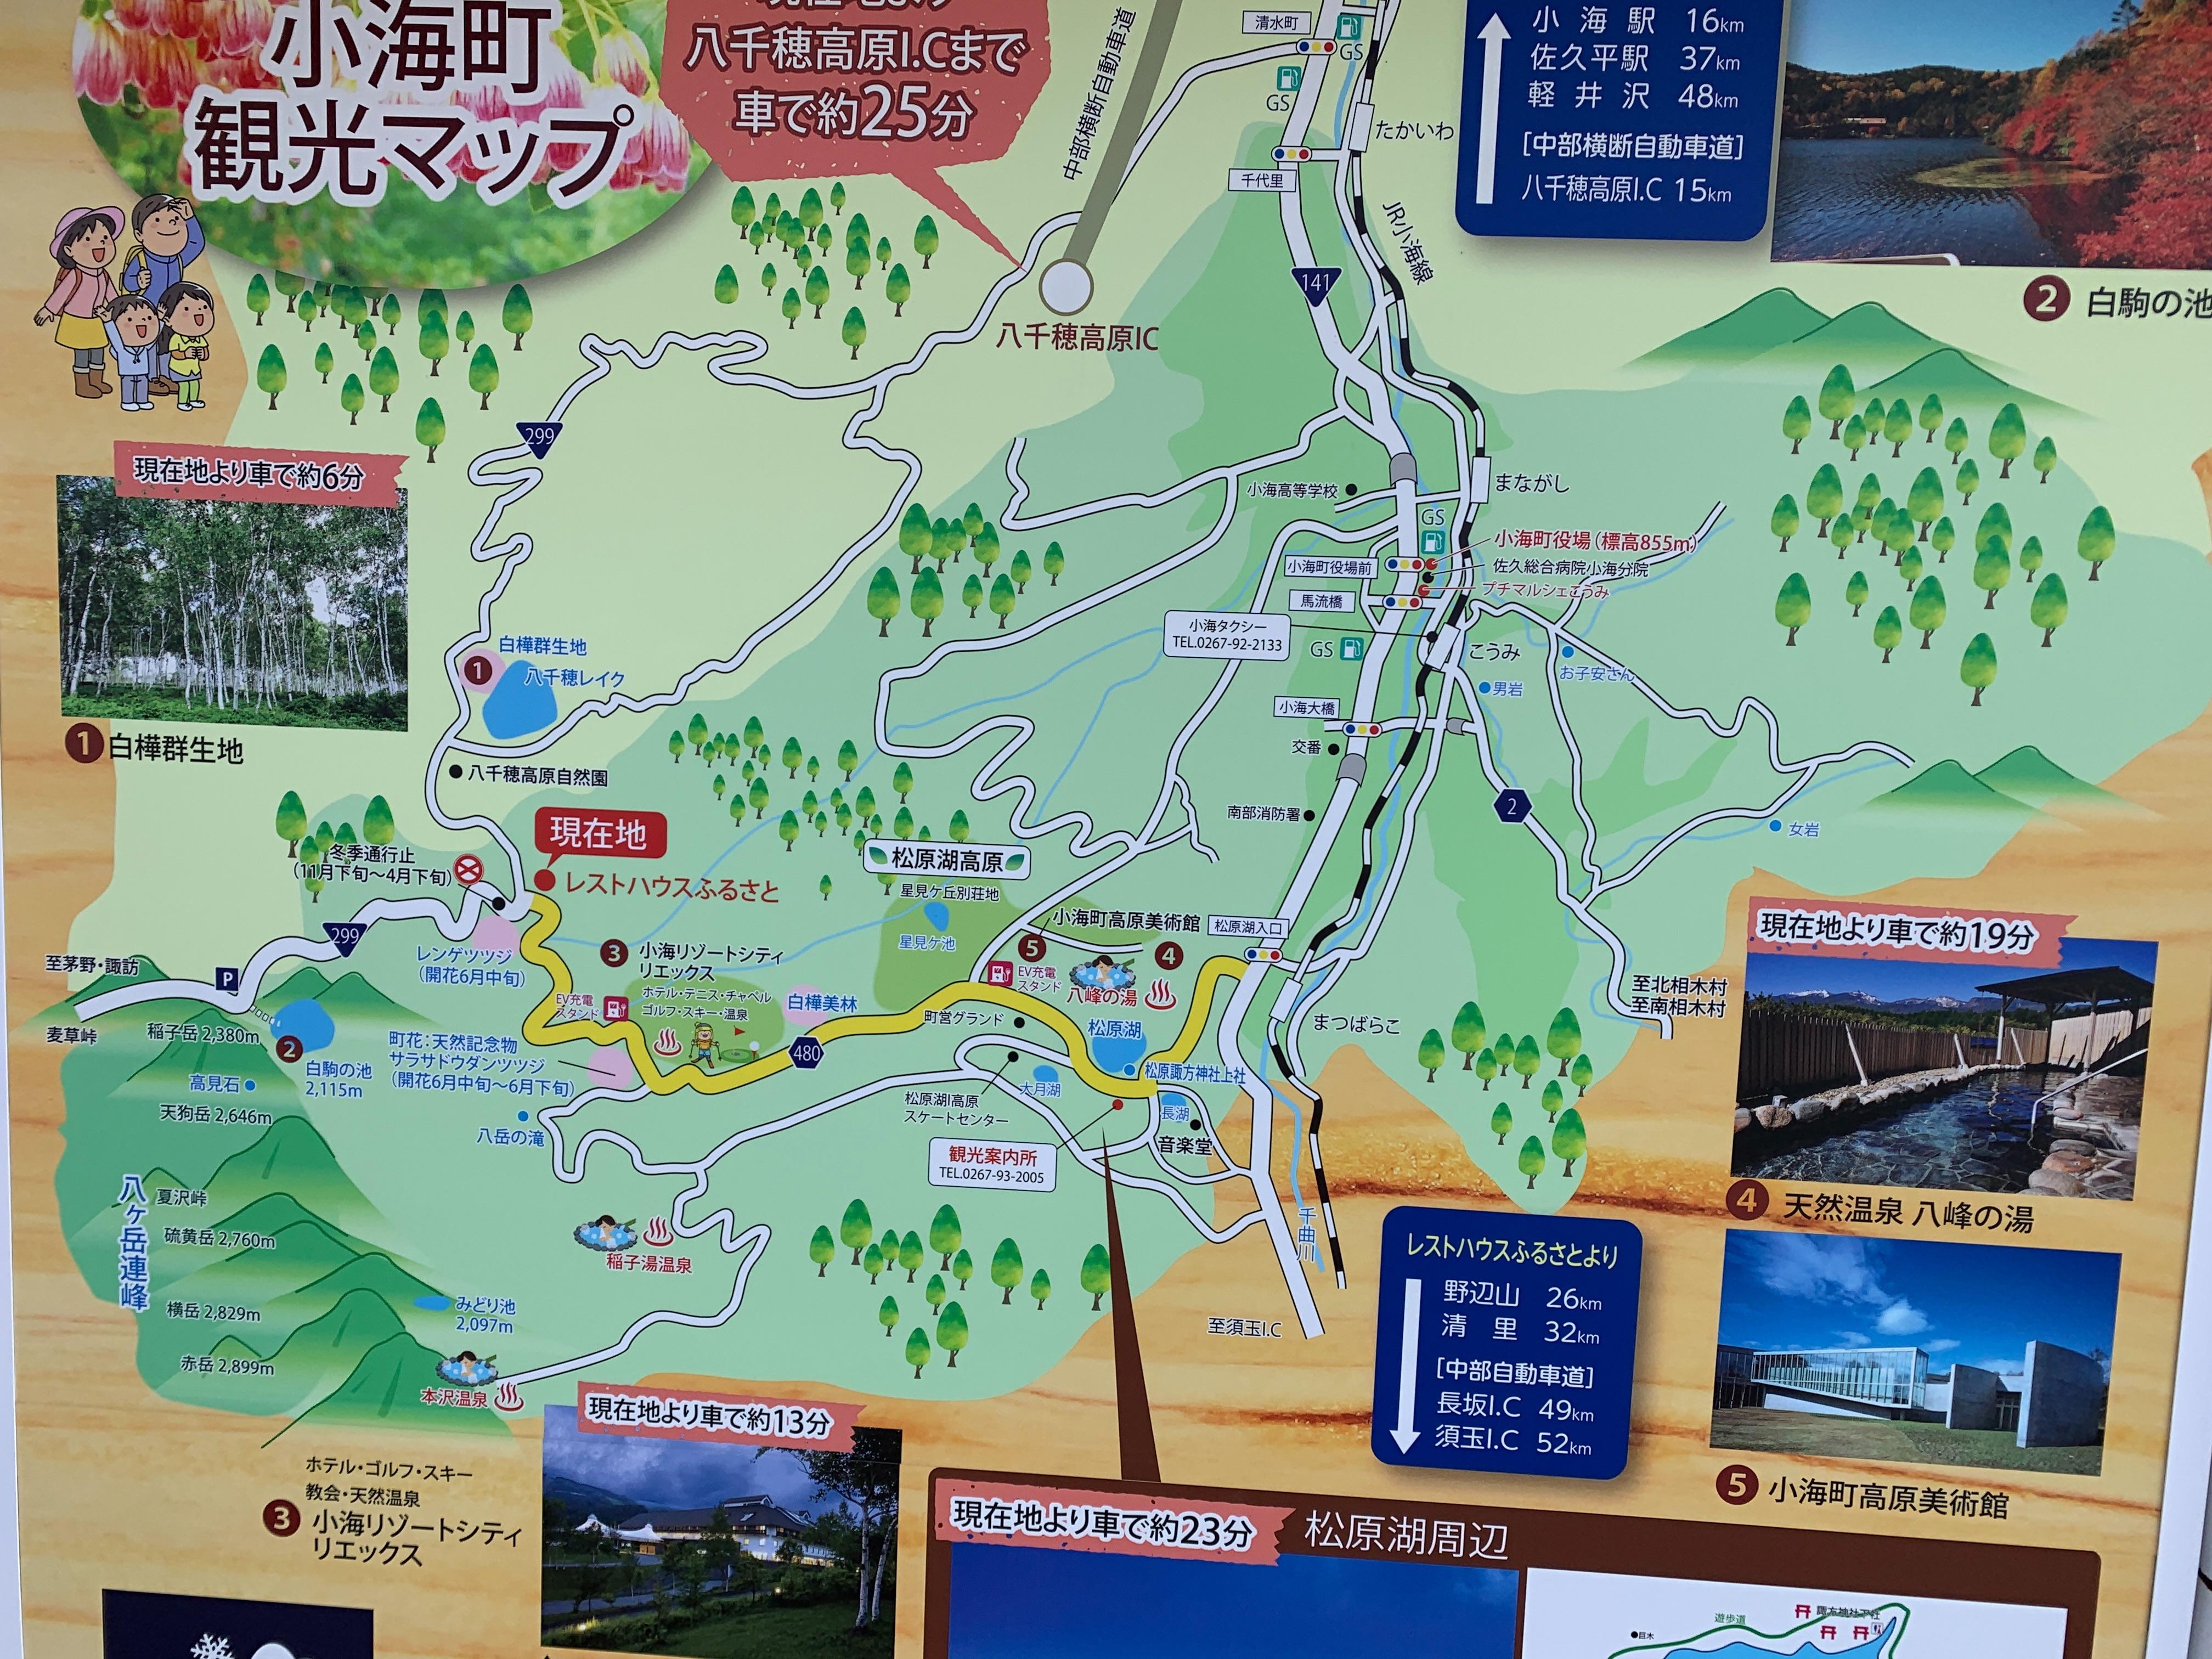 f:id:kyousima:20210320181416j:image